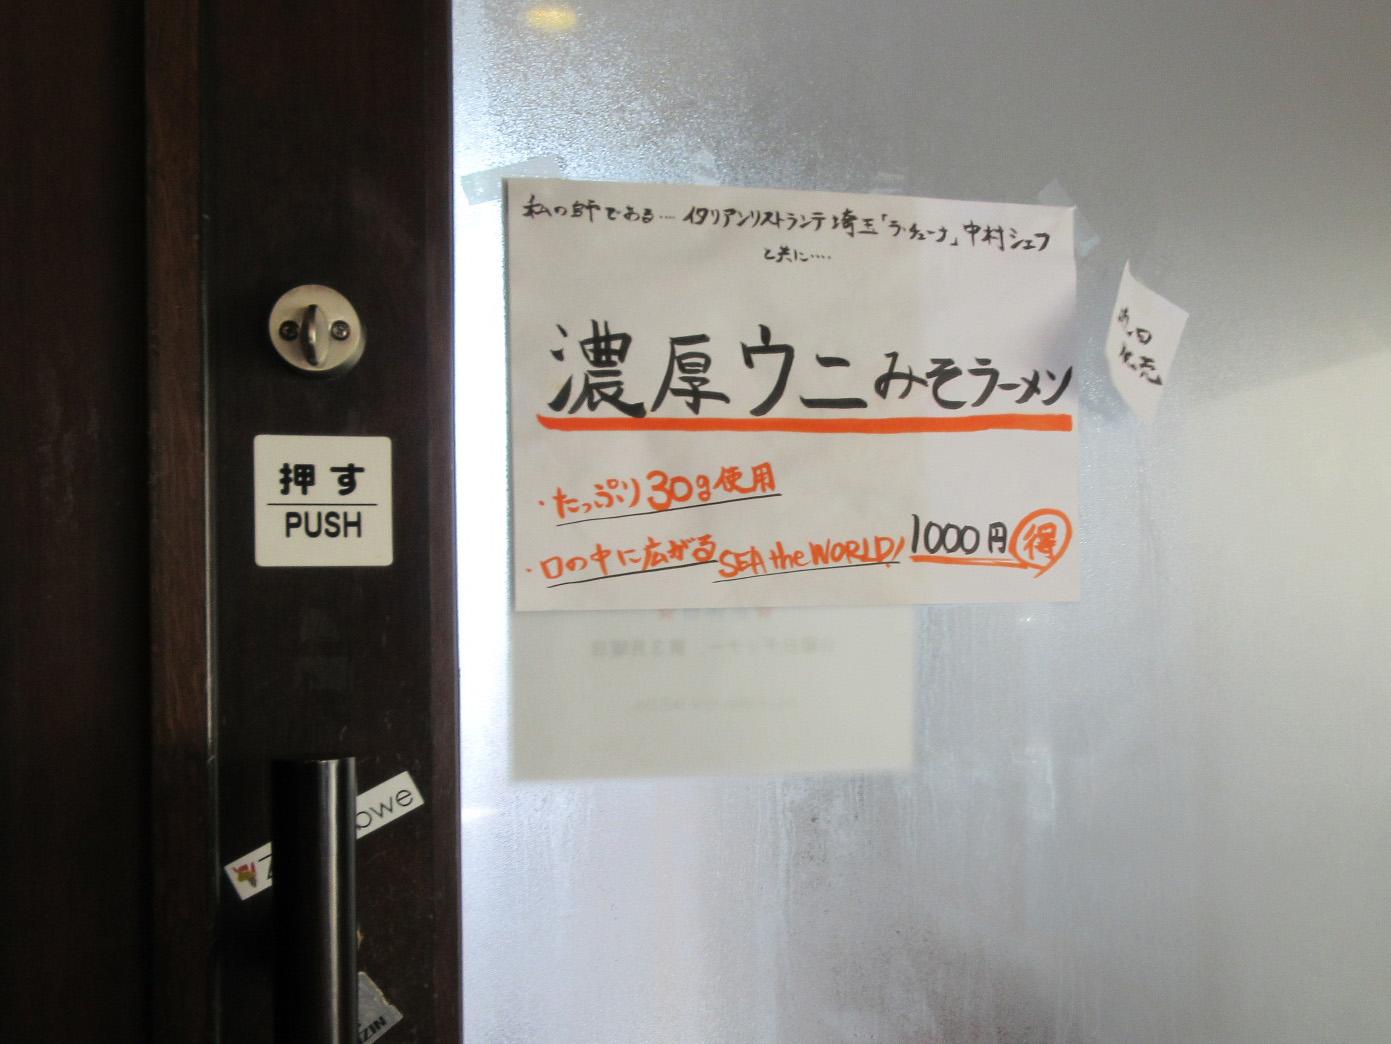 近日発売 新メニュー